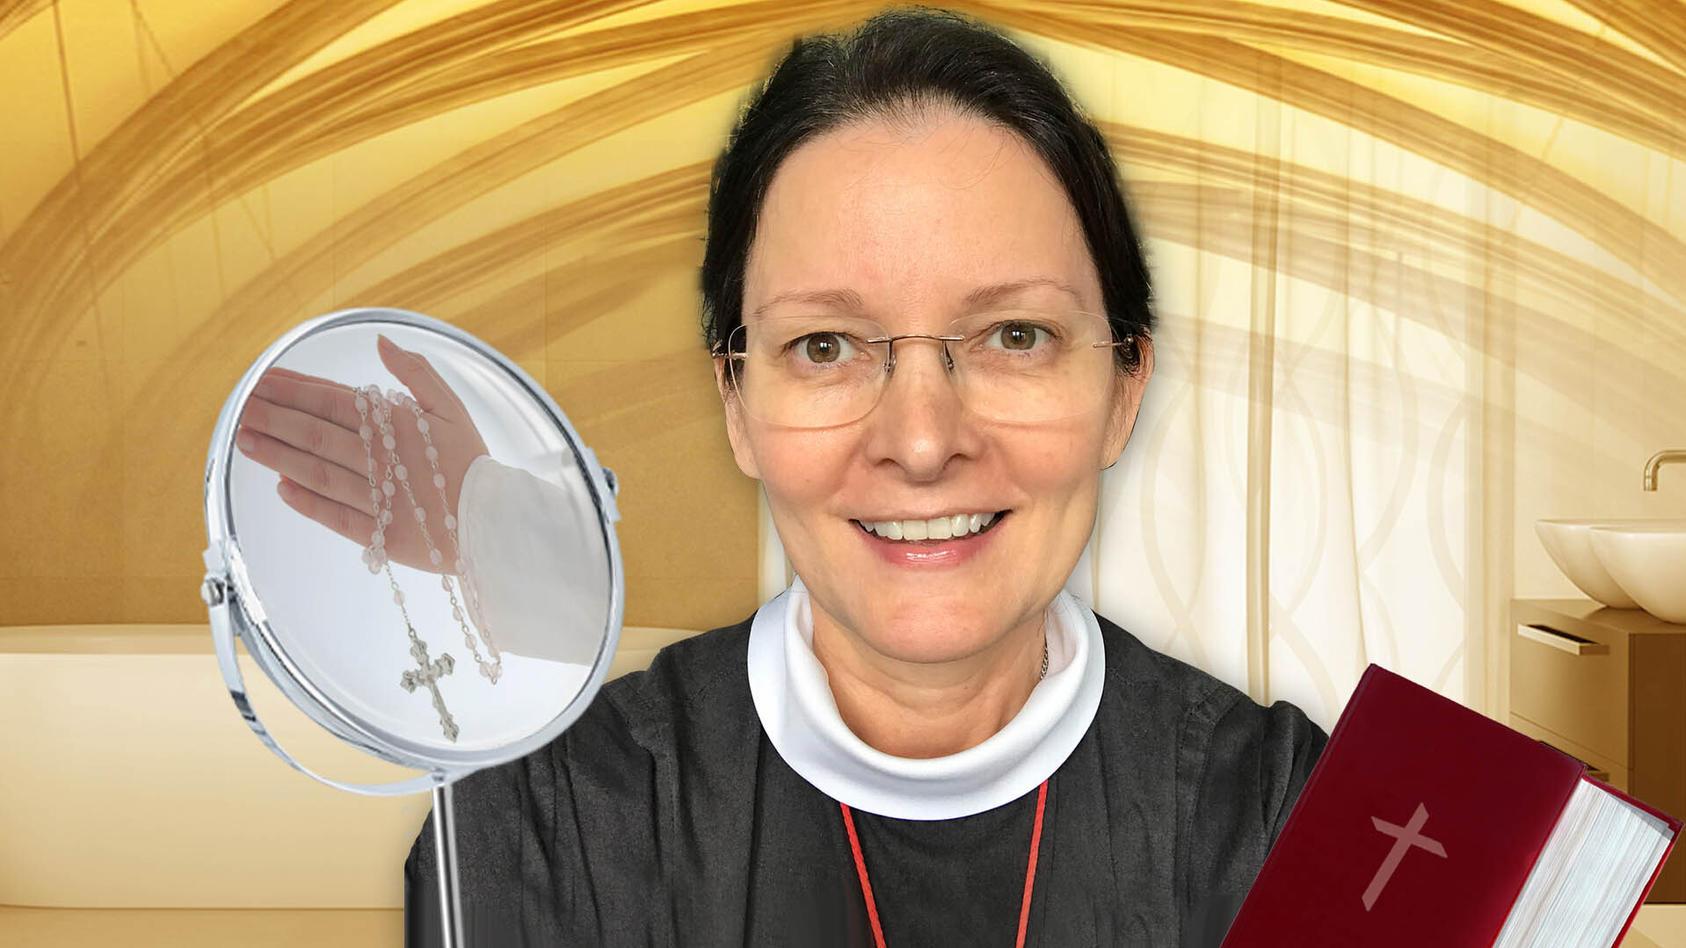 Schwester Monica ist 55 Jahre alt. Ihre TikTok-Follower sind ganz baff und wollen wissen: Was ist ihr Beauty-Geheimnis?